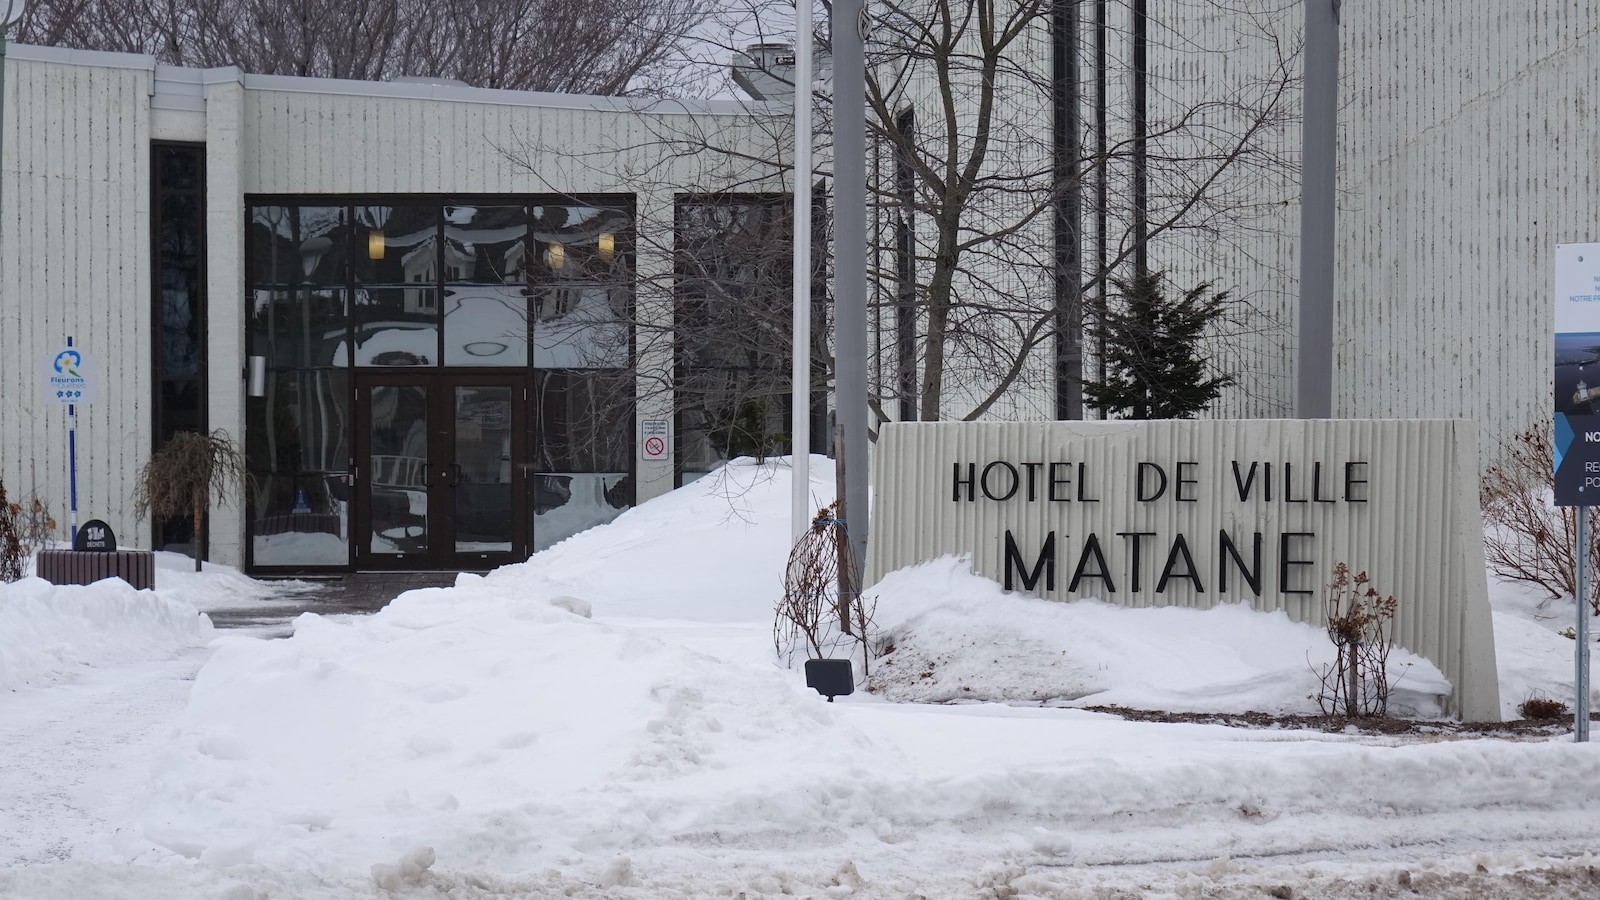 Affiche et porte d'entrée de l'hôtel de ville.